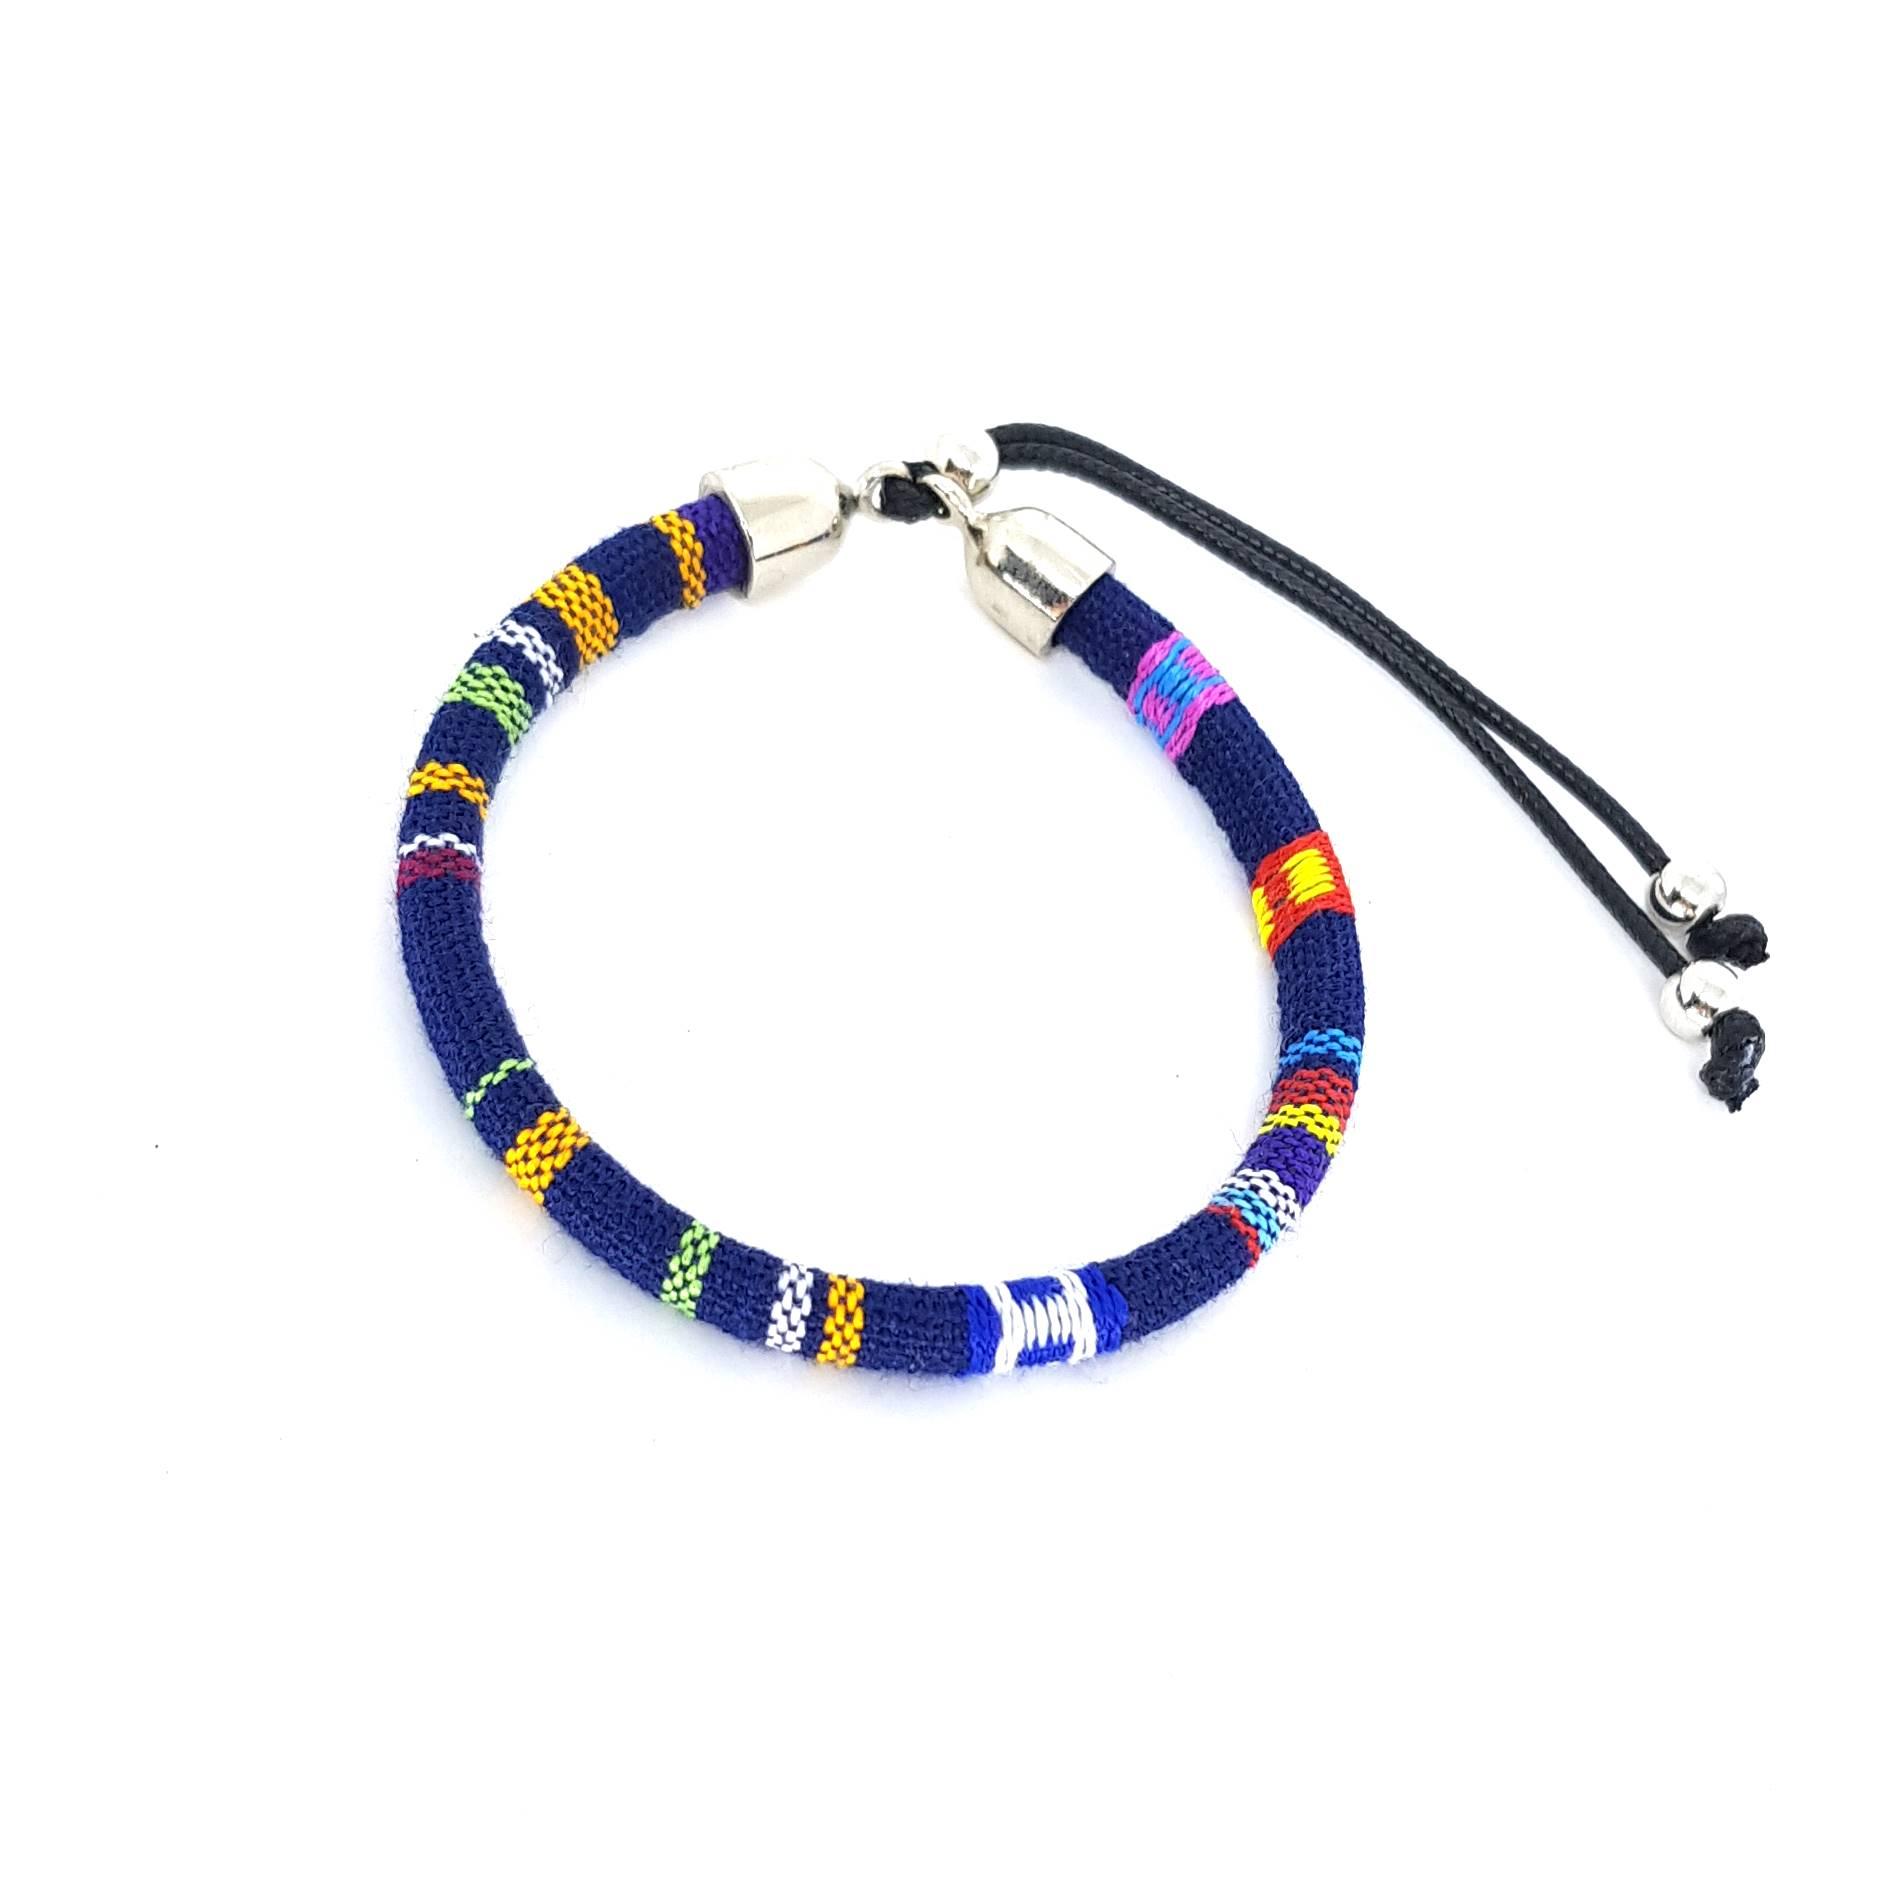 Pulseira-Étnica-Azul-e-Amarela-emporiotop